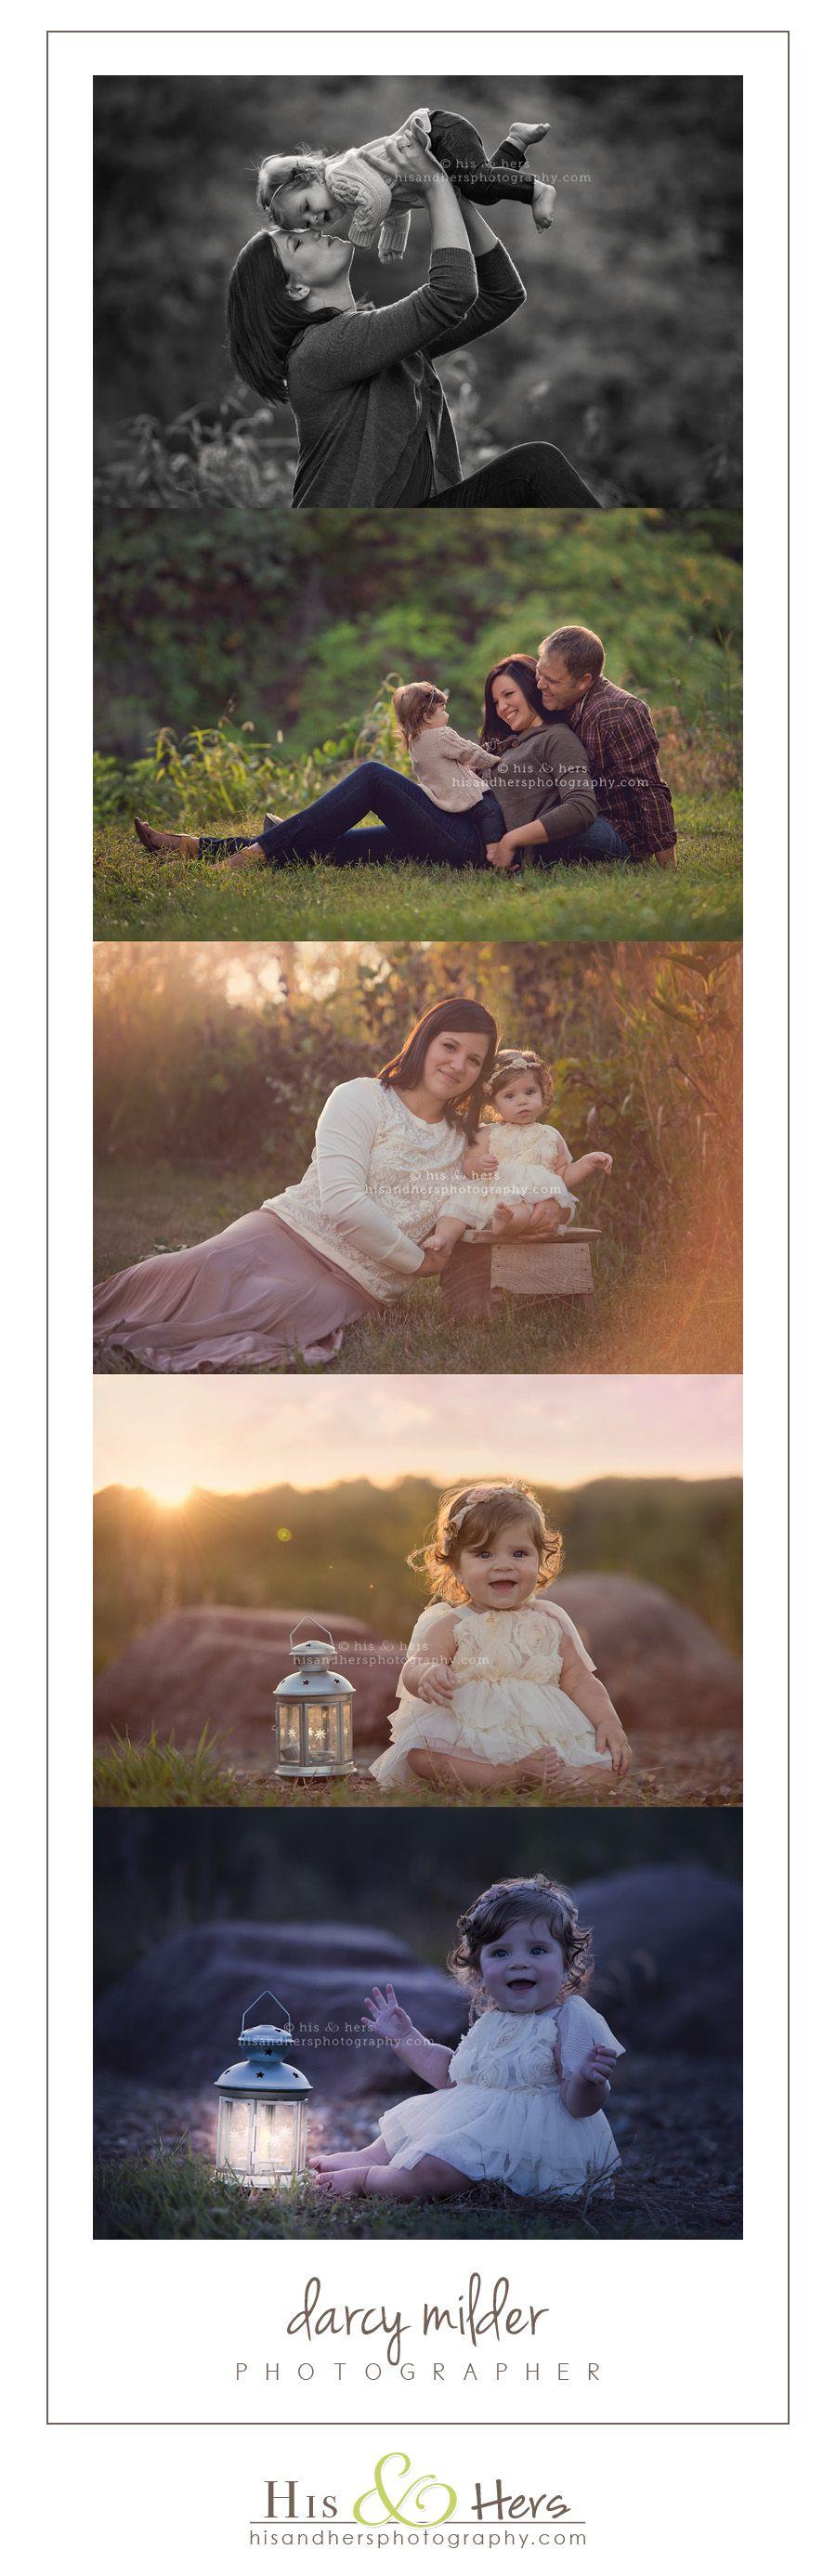 Child & Family | Harper, 7 months, & Her Family